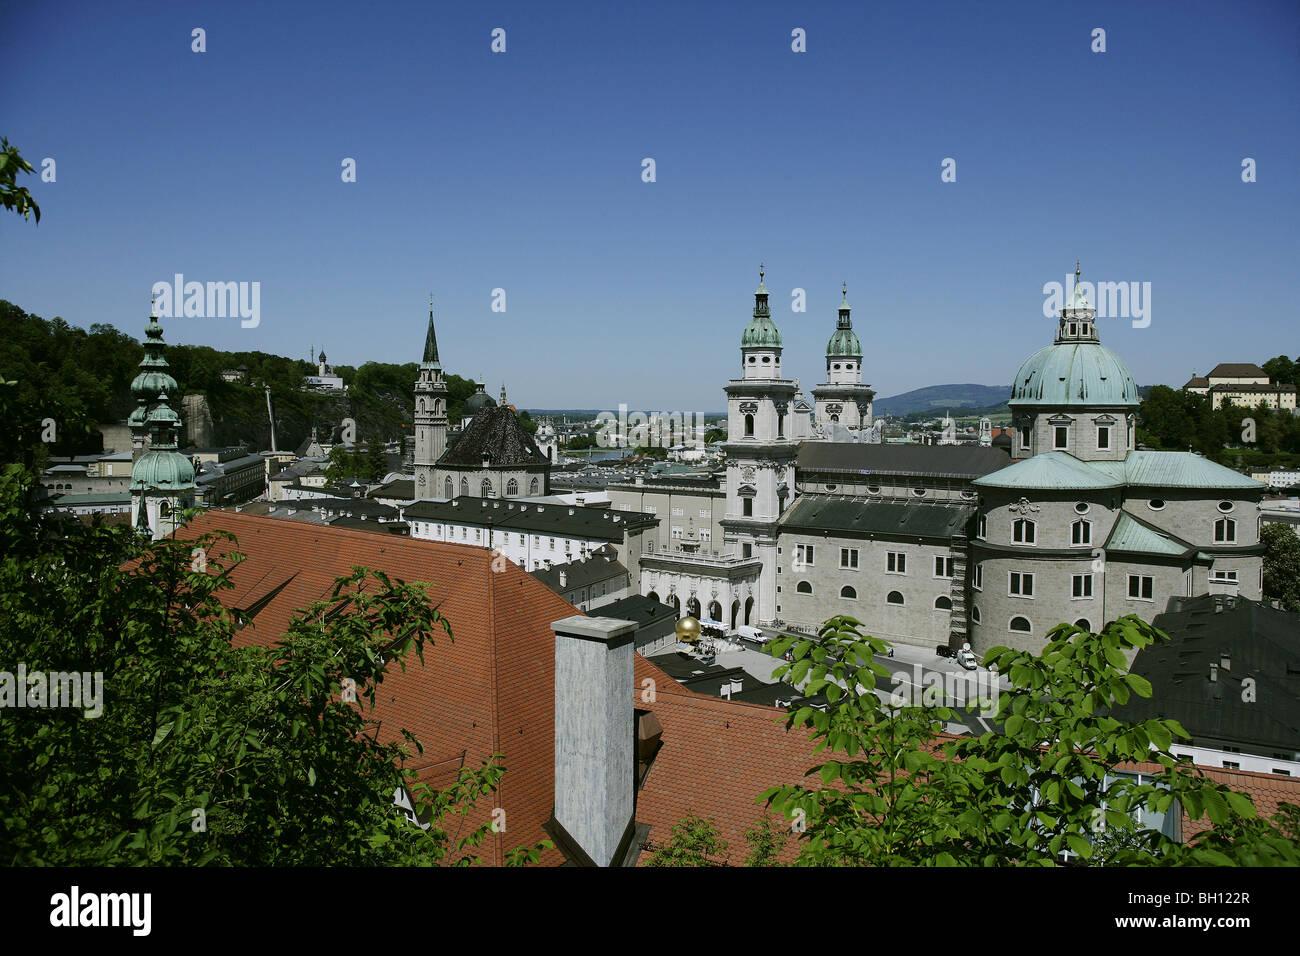 Ansicht von Salzburg Dom, Domplatz, Salzburg, Österreich Stockbild